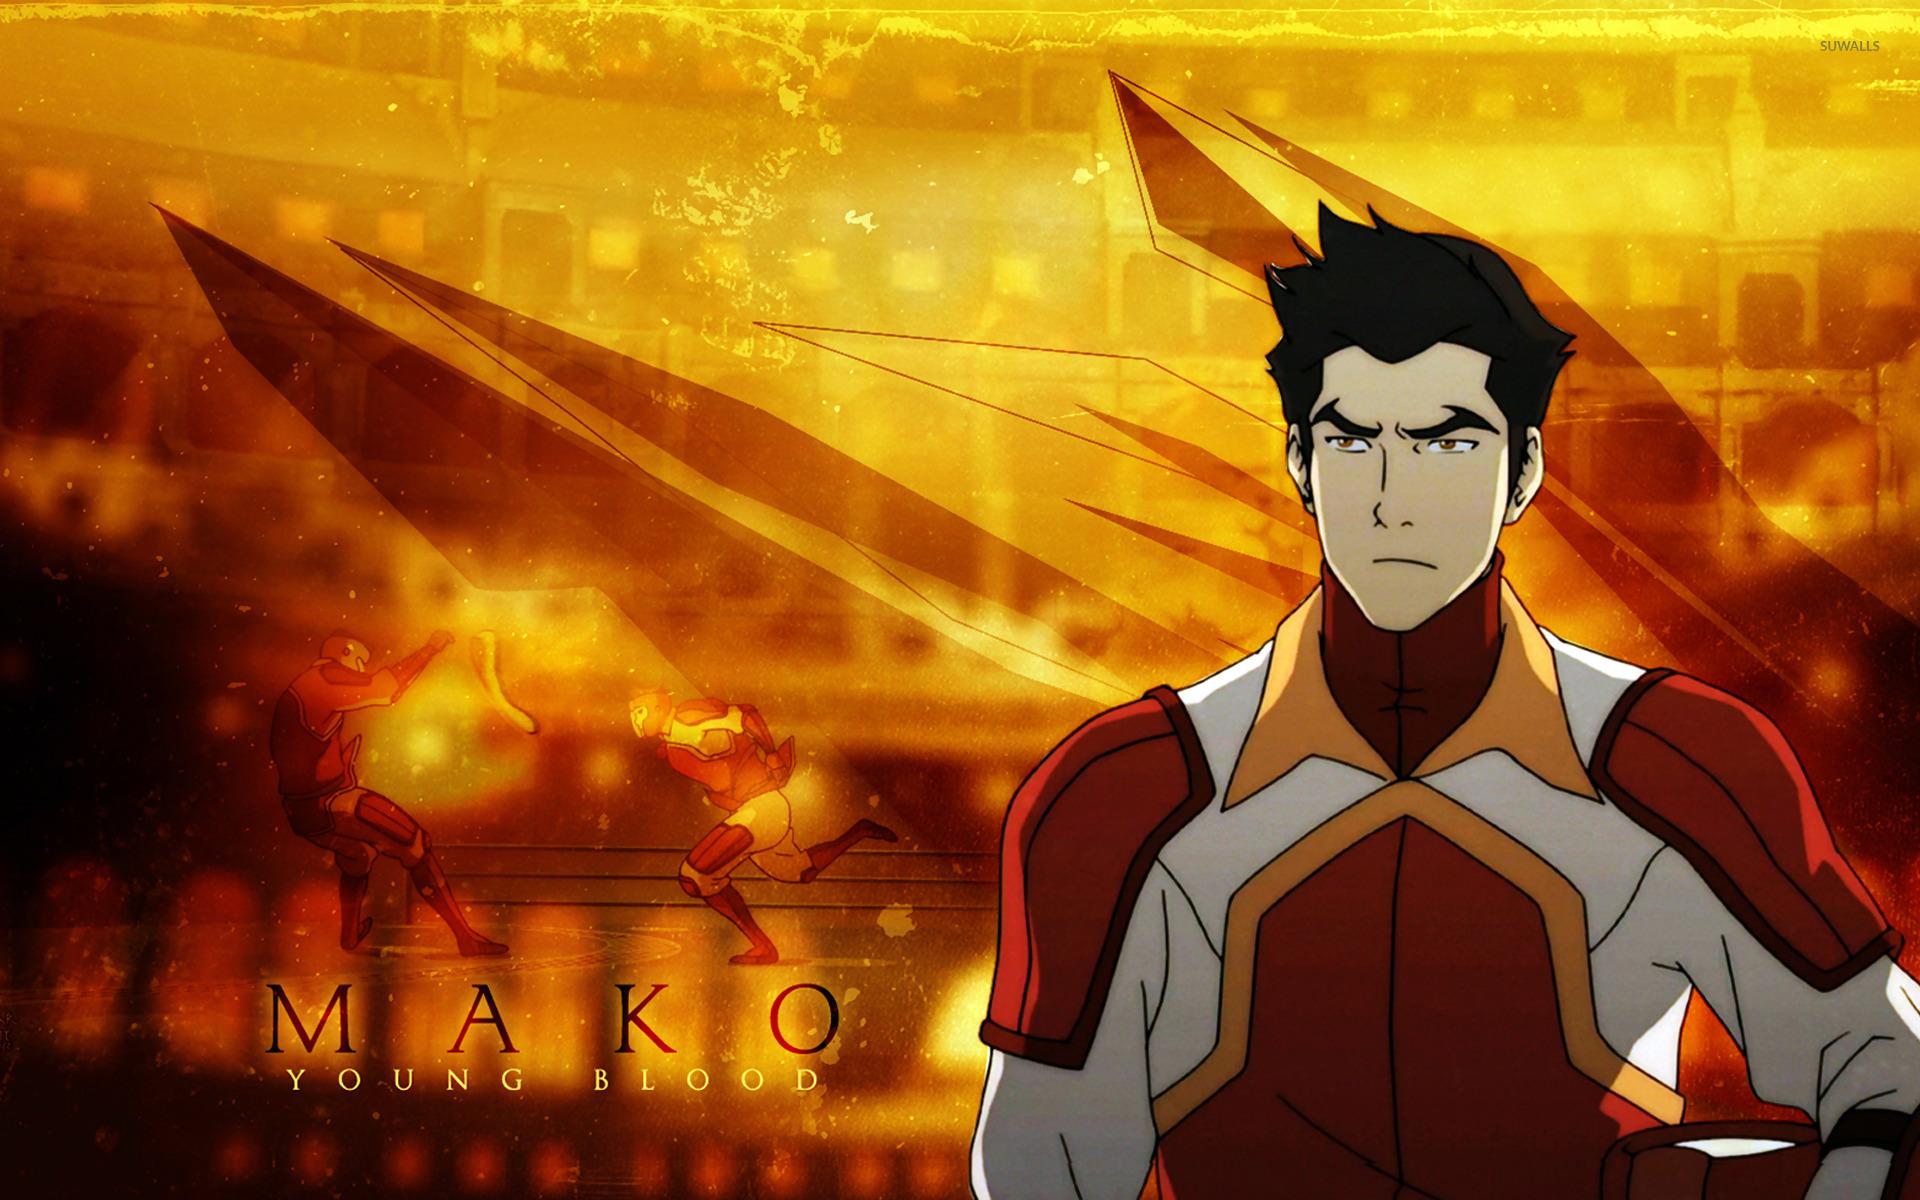 Mako Avatar The Legend Of Korra Wallpaper Anime Wallpapers